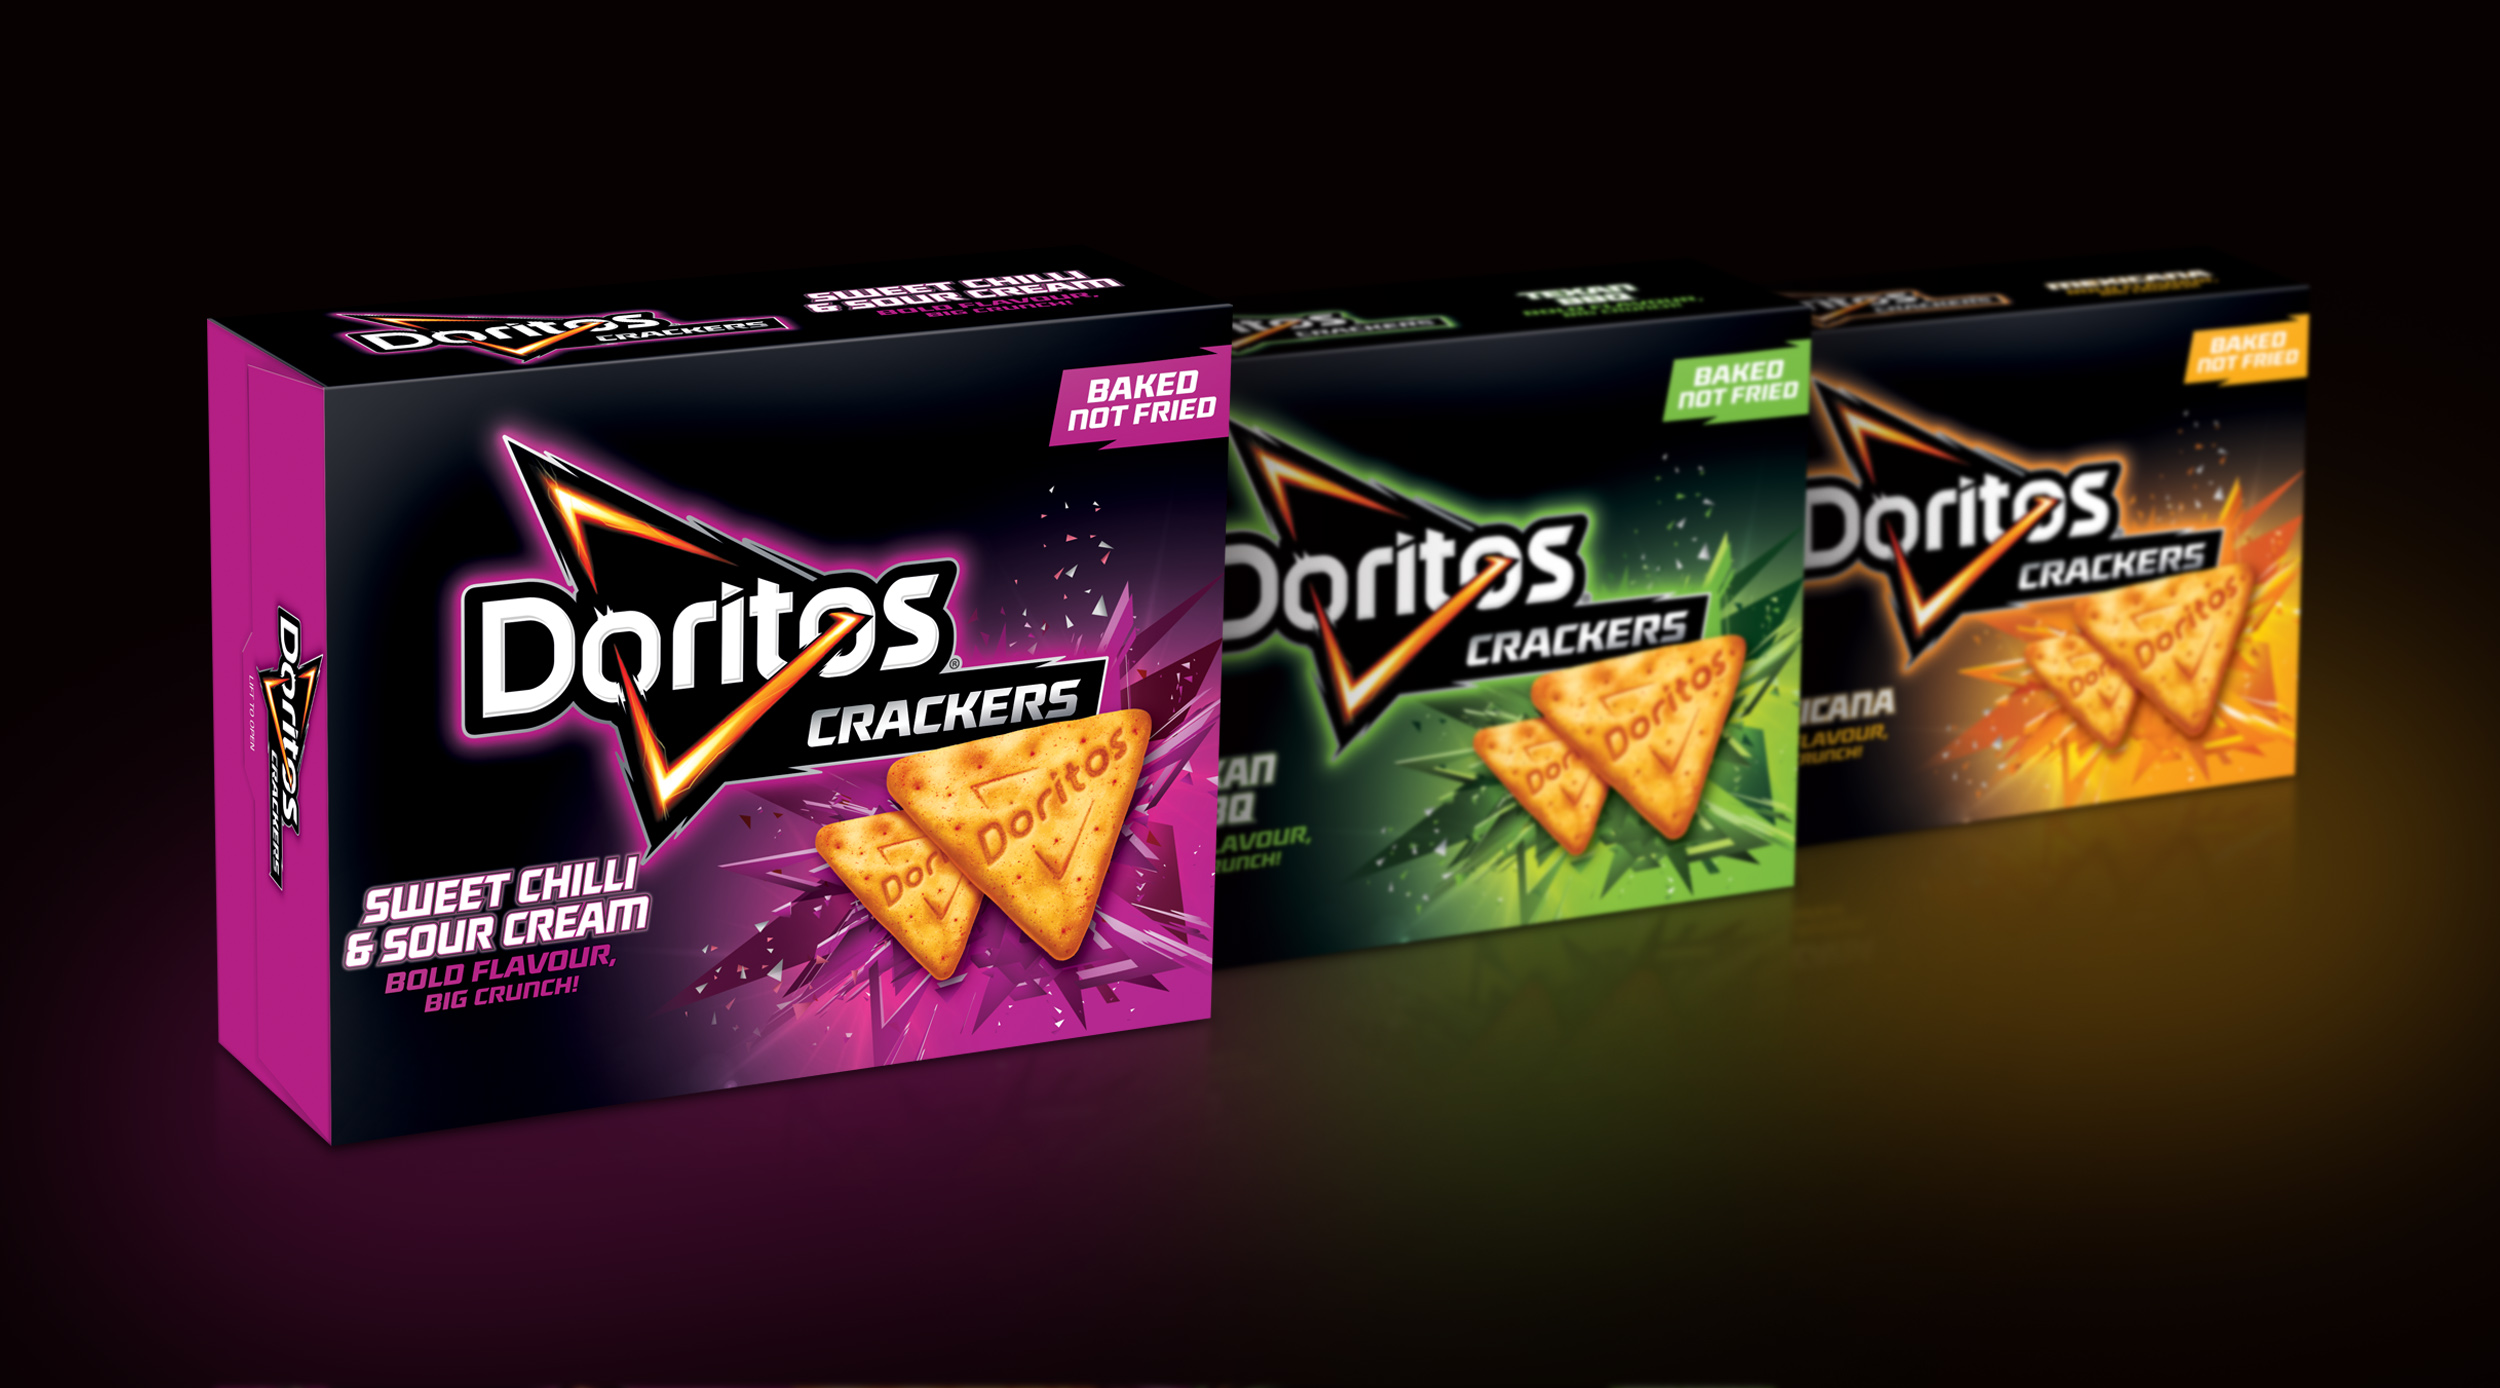 Doritos 2 copy.jpg